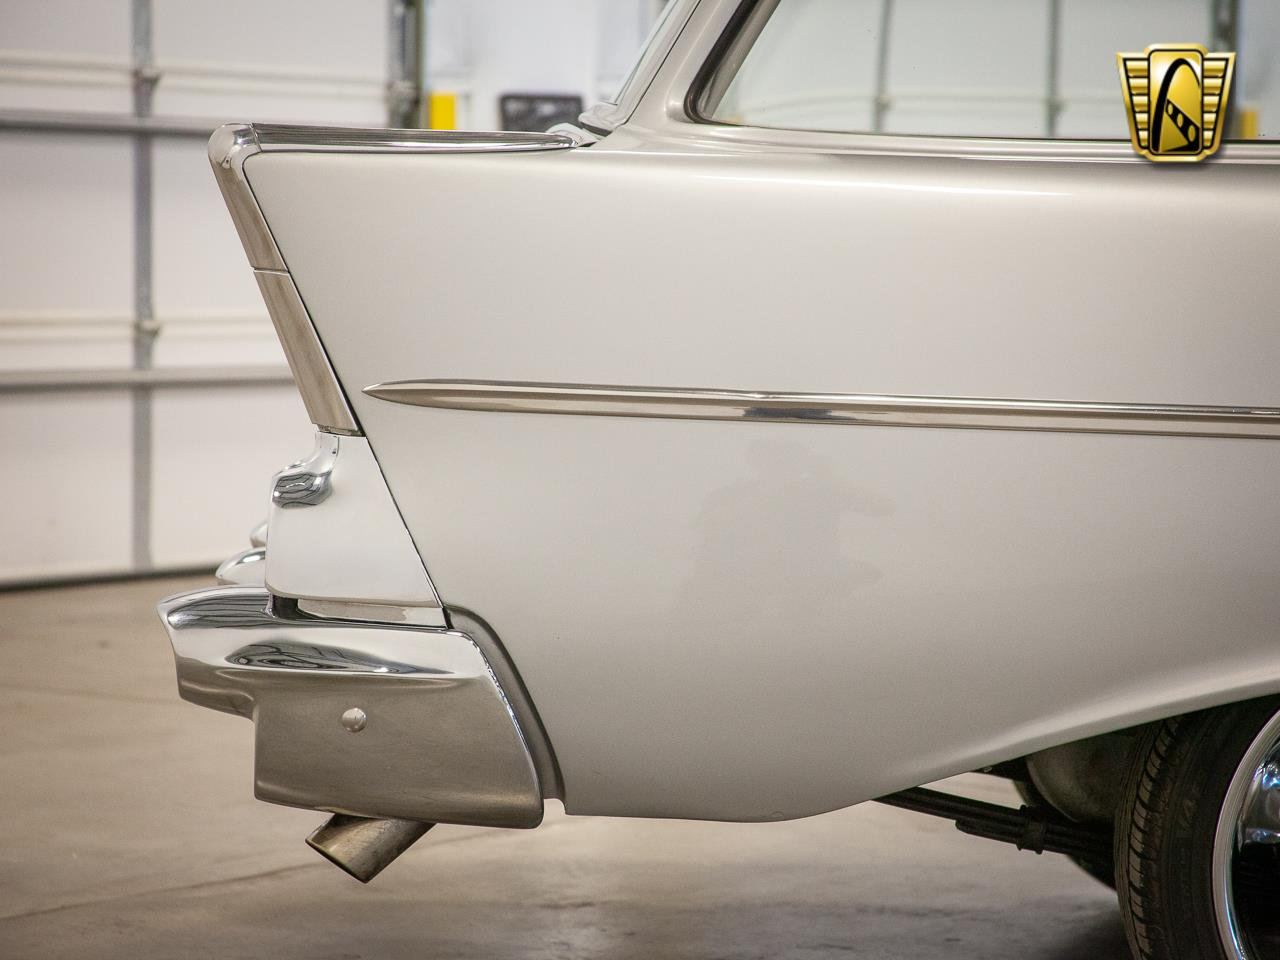 1957 Chevrolet Antique (CC-1340901) for sale in O'Fallon, Illinois